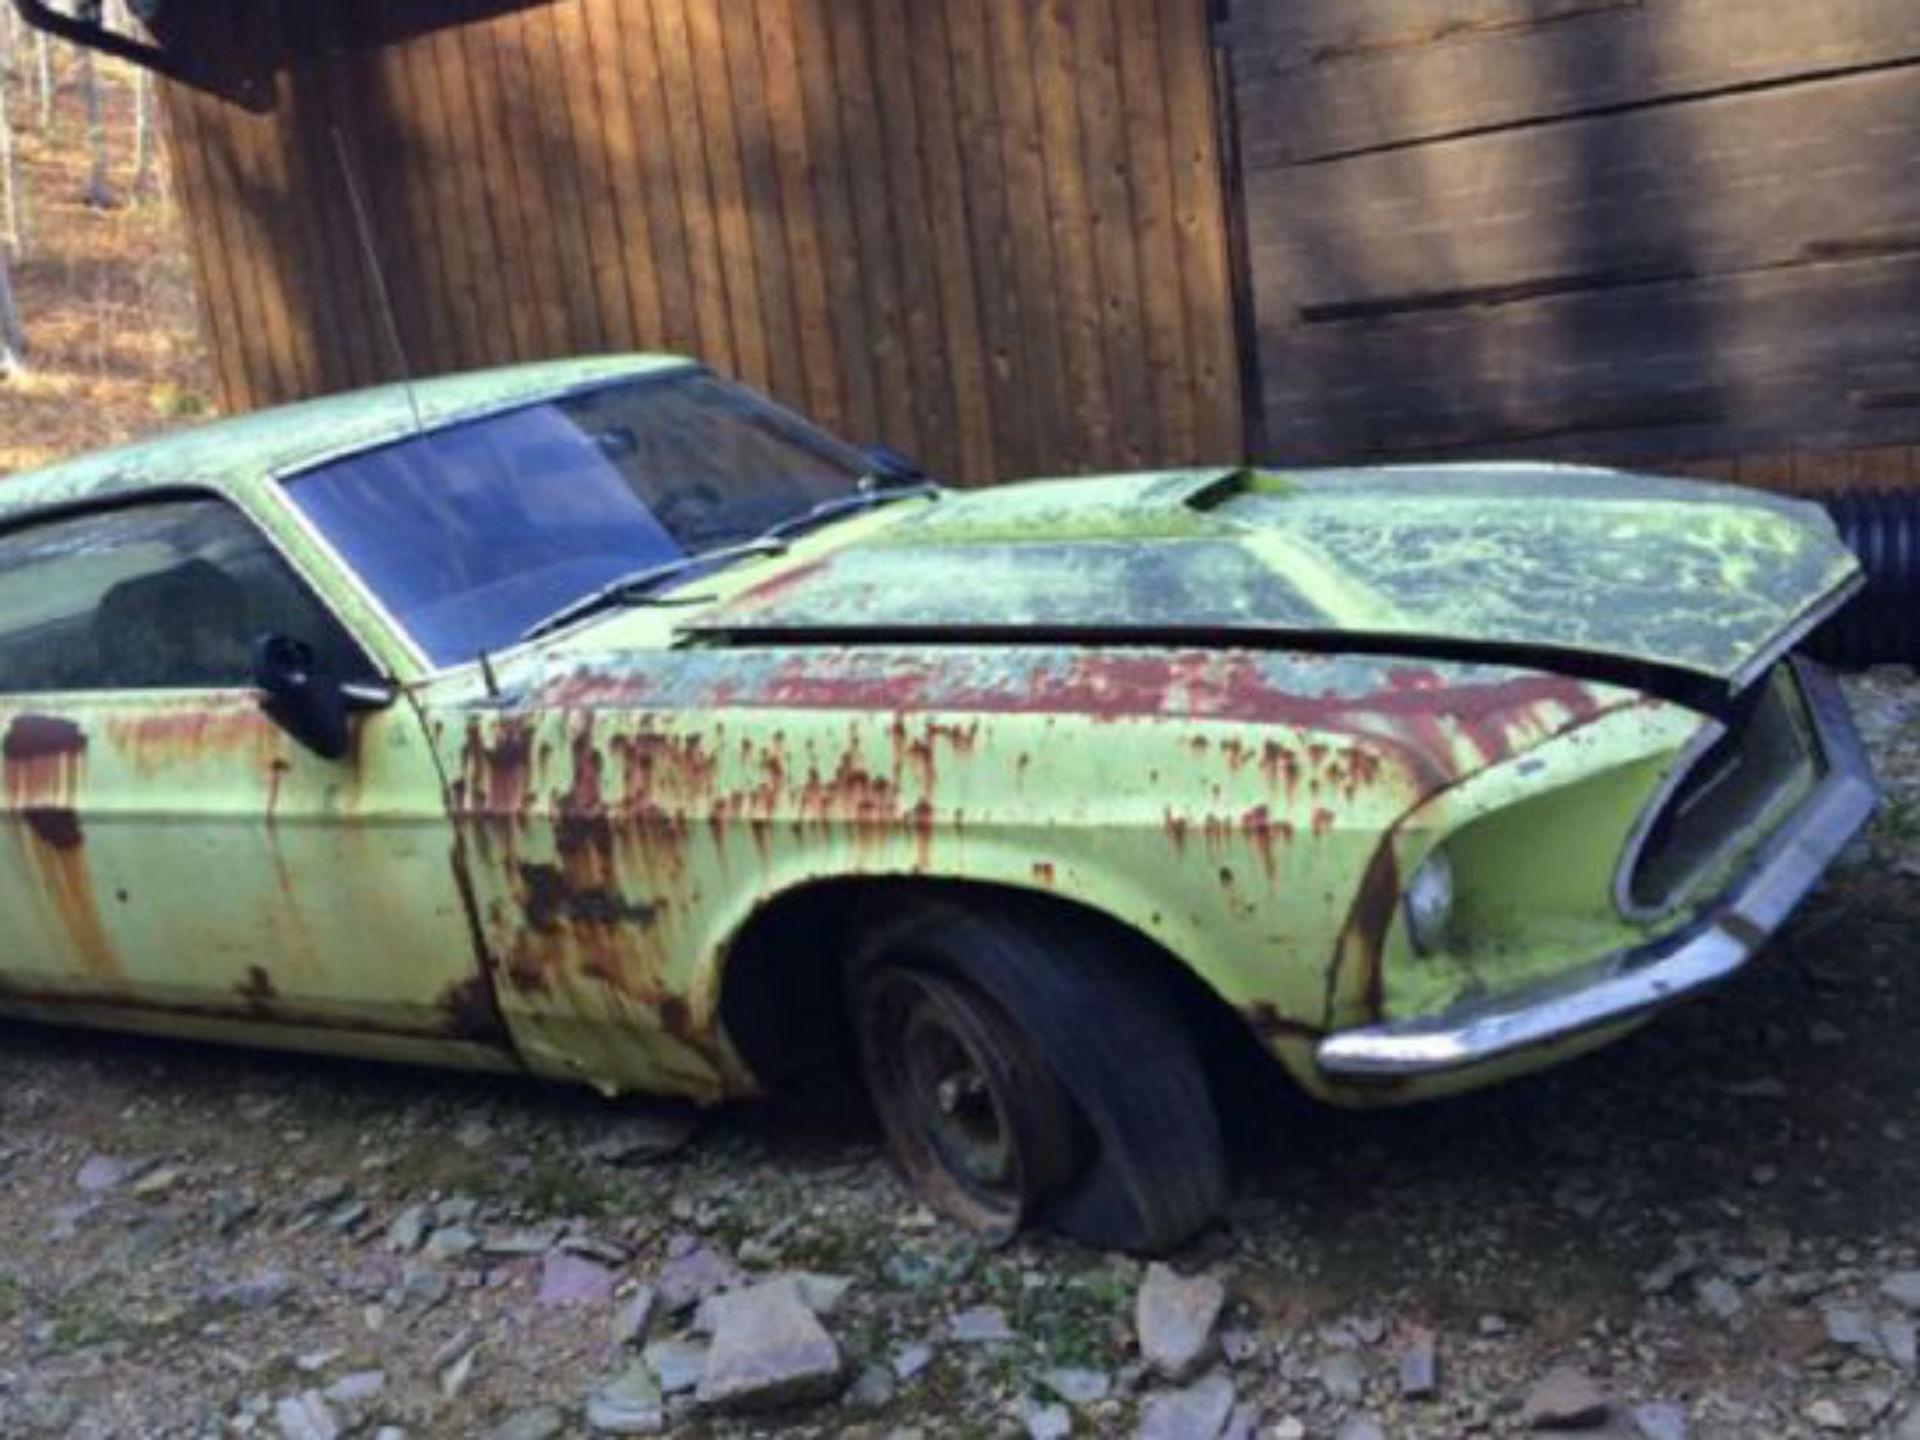 Mustang 1969 Edición Limitada seiscientos Groovy Green. Una de las ediciones más excepcionales de los años 60, fue la 600. Solo se fabricaron 503 unidades y aún así alguien que planeaba restaurarlo, lo permitió estacionado en 1995 y jamás volvió. Fue topado últimamente y es una rareza que probablemente jamás veremos. Foto: Mustang 360